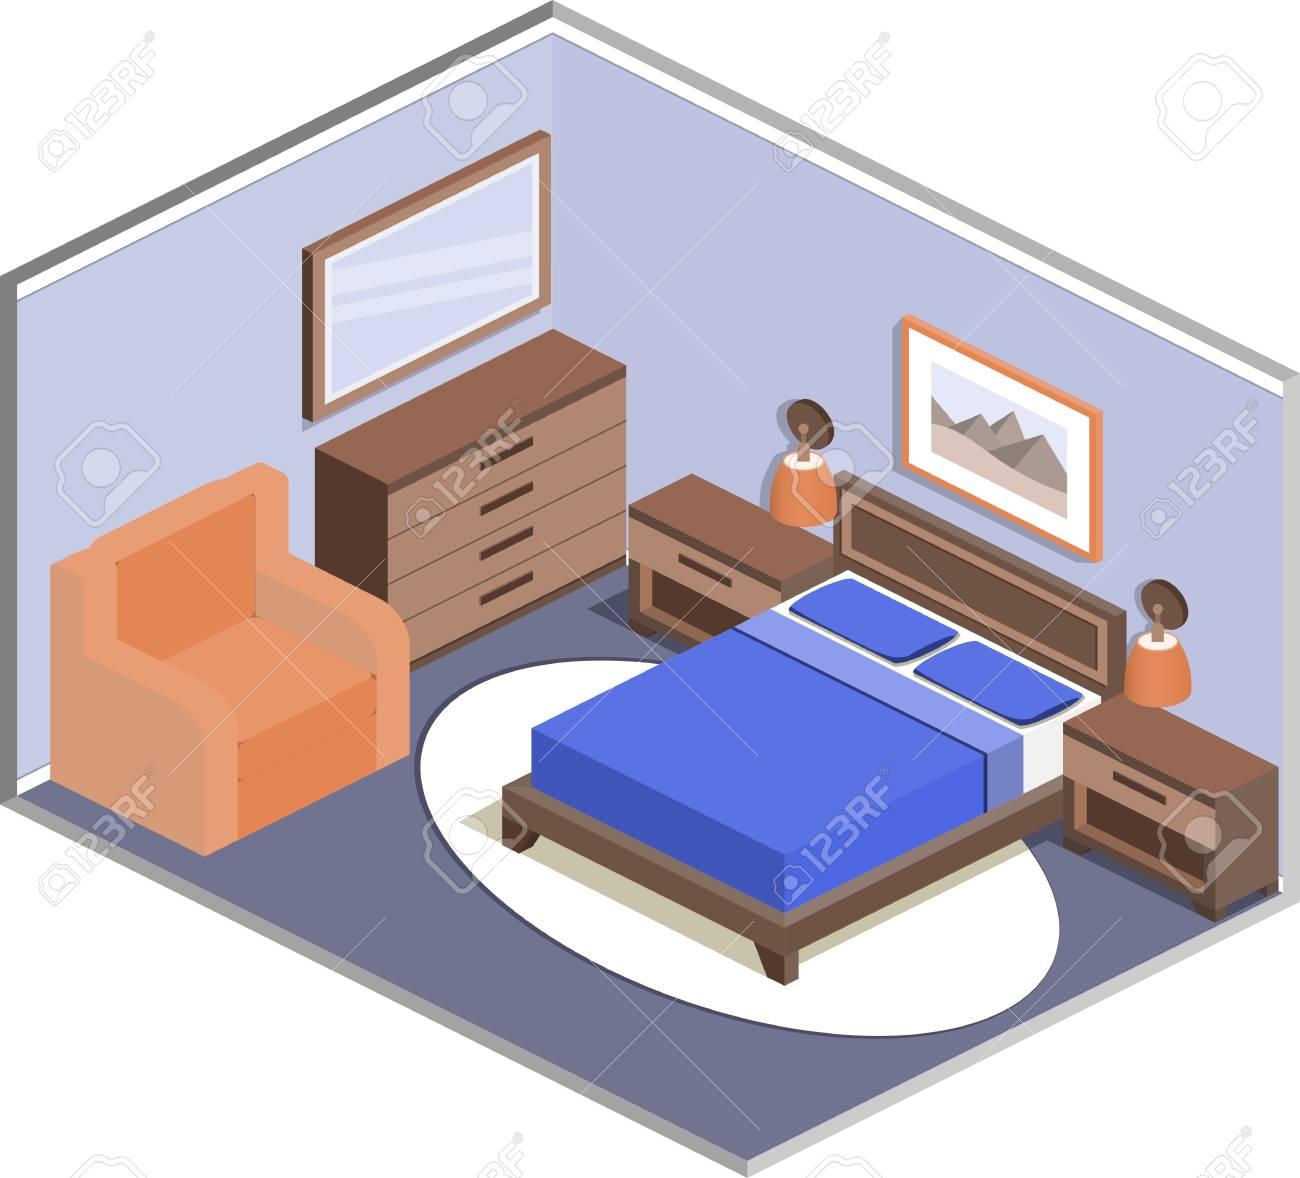 Modernes Design Der Gemütlichen Schlafzimmer Mit Möbeln. Interior In ...